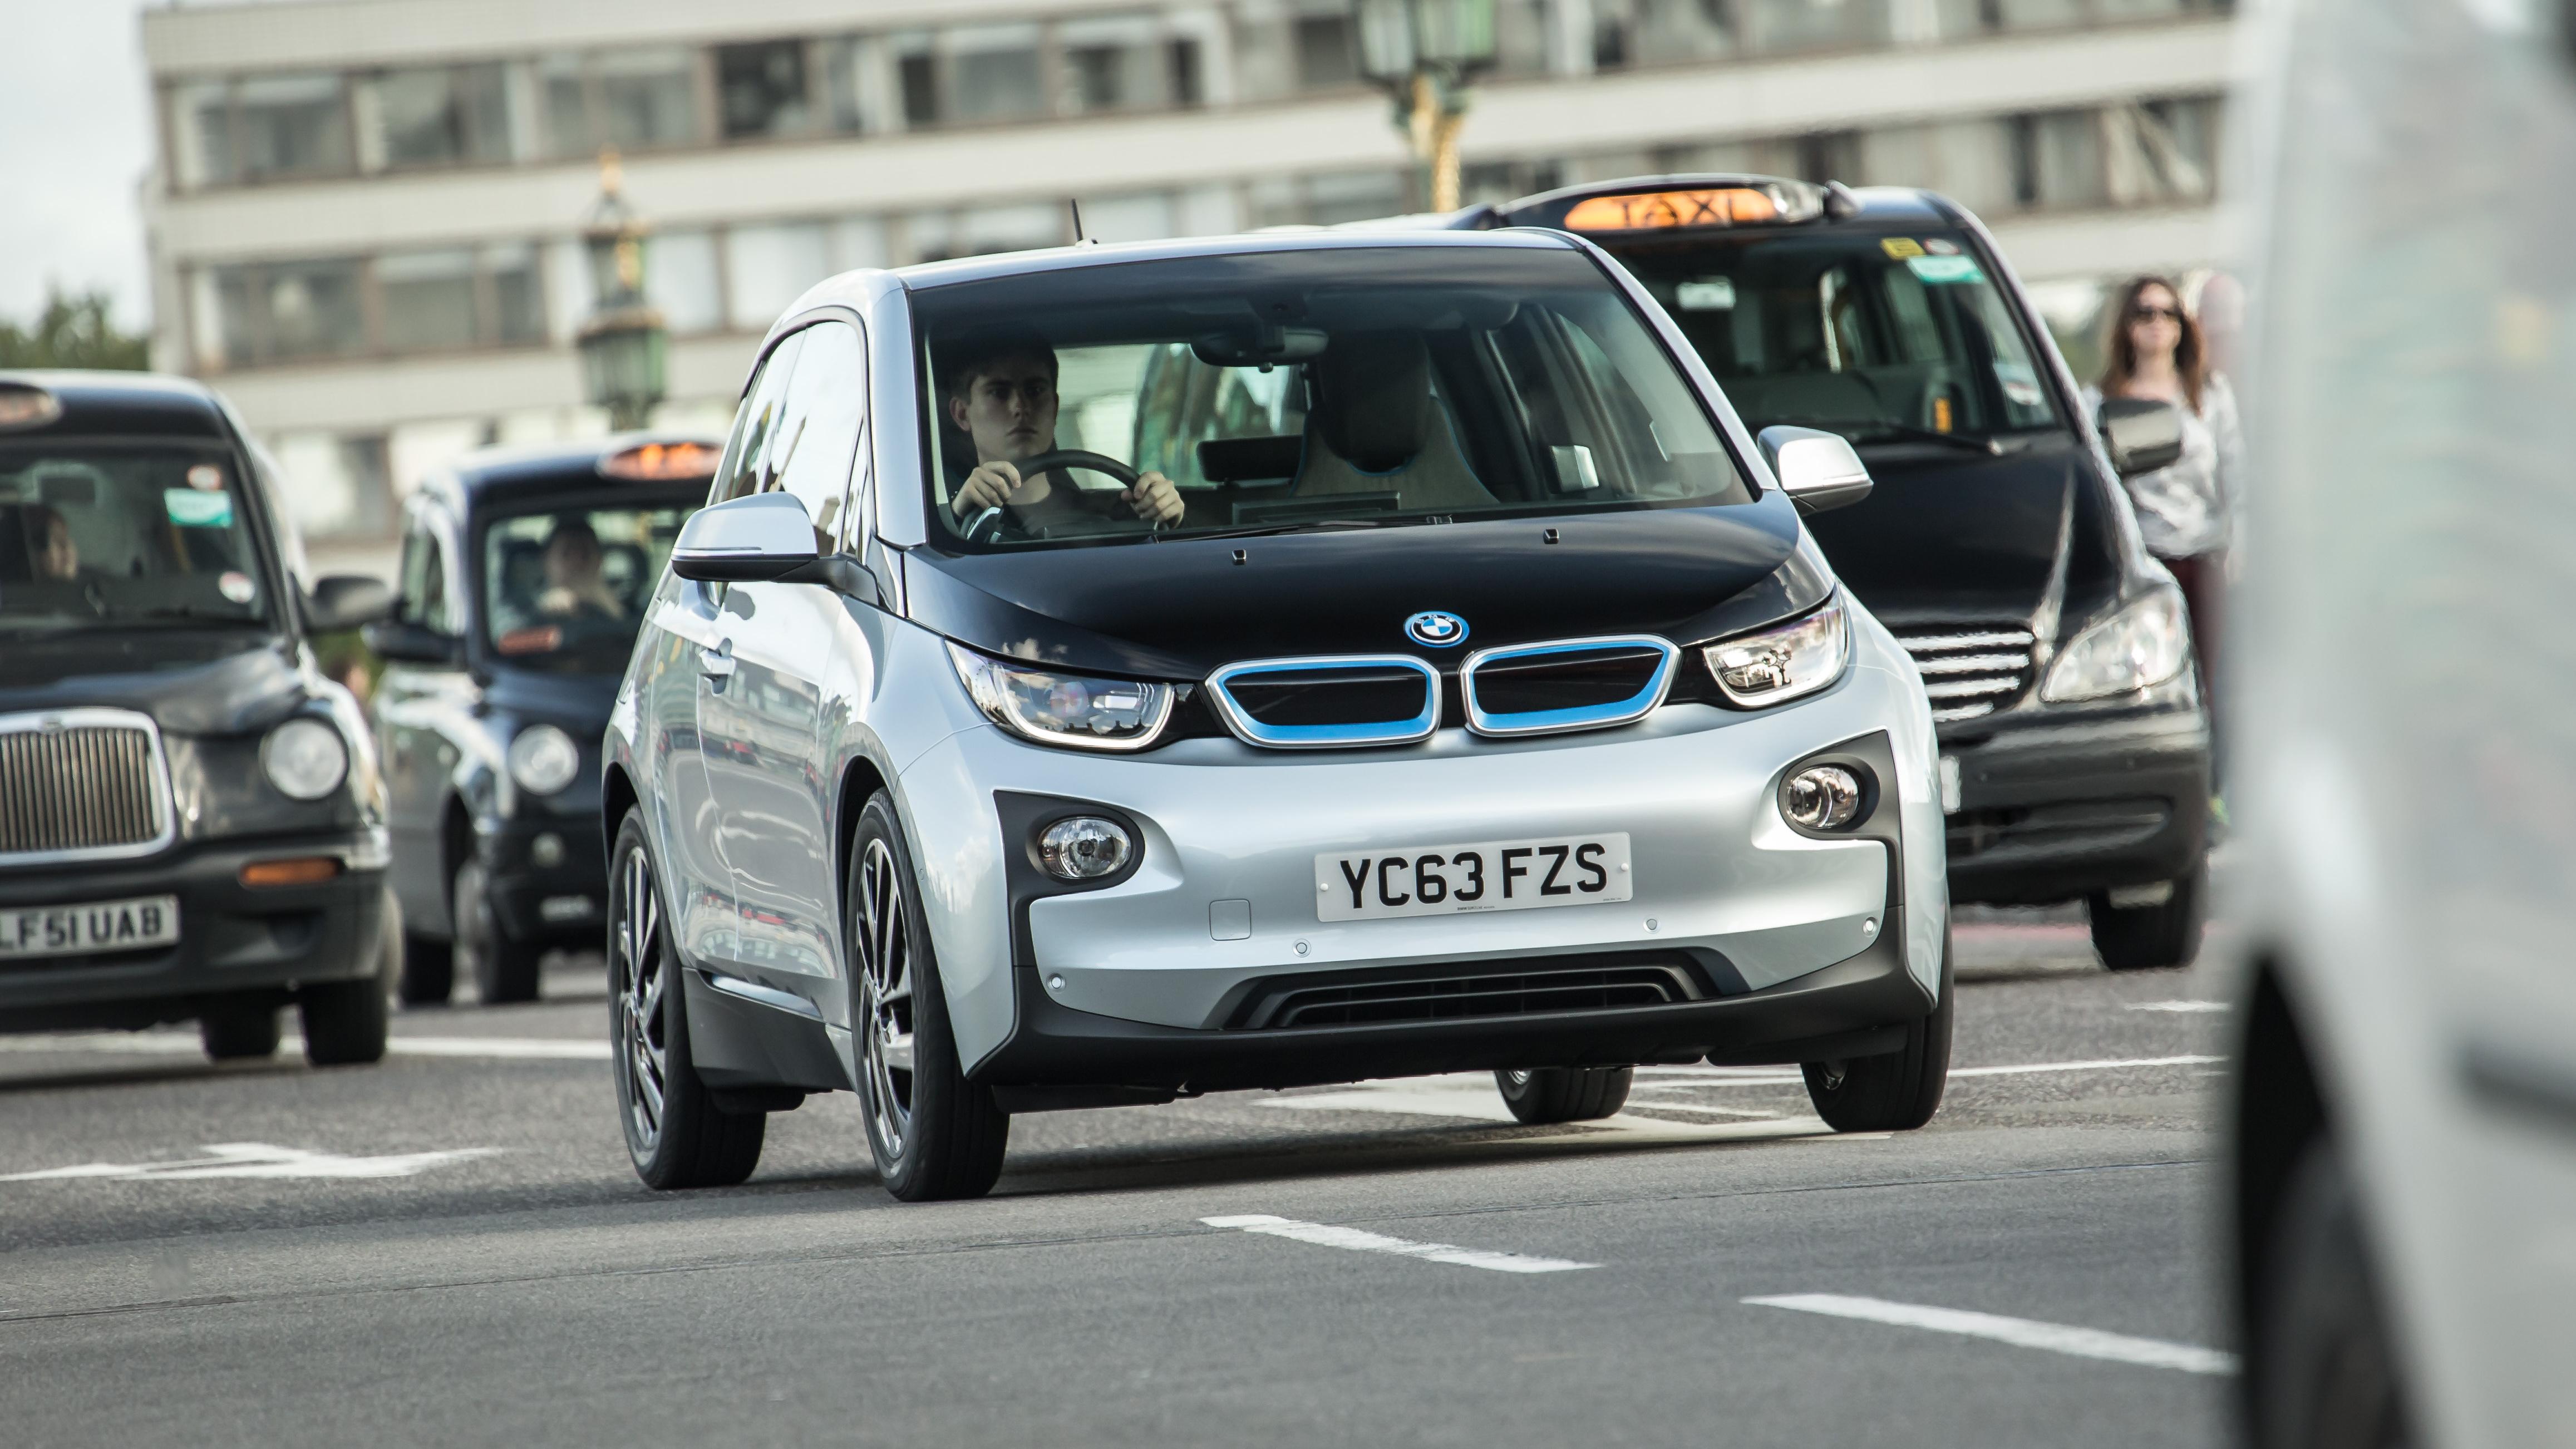 Großbritannien will E-Mobilität Vorfahrt gewähren